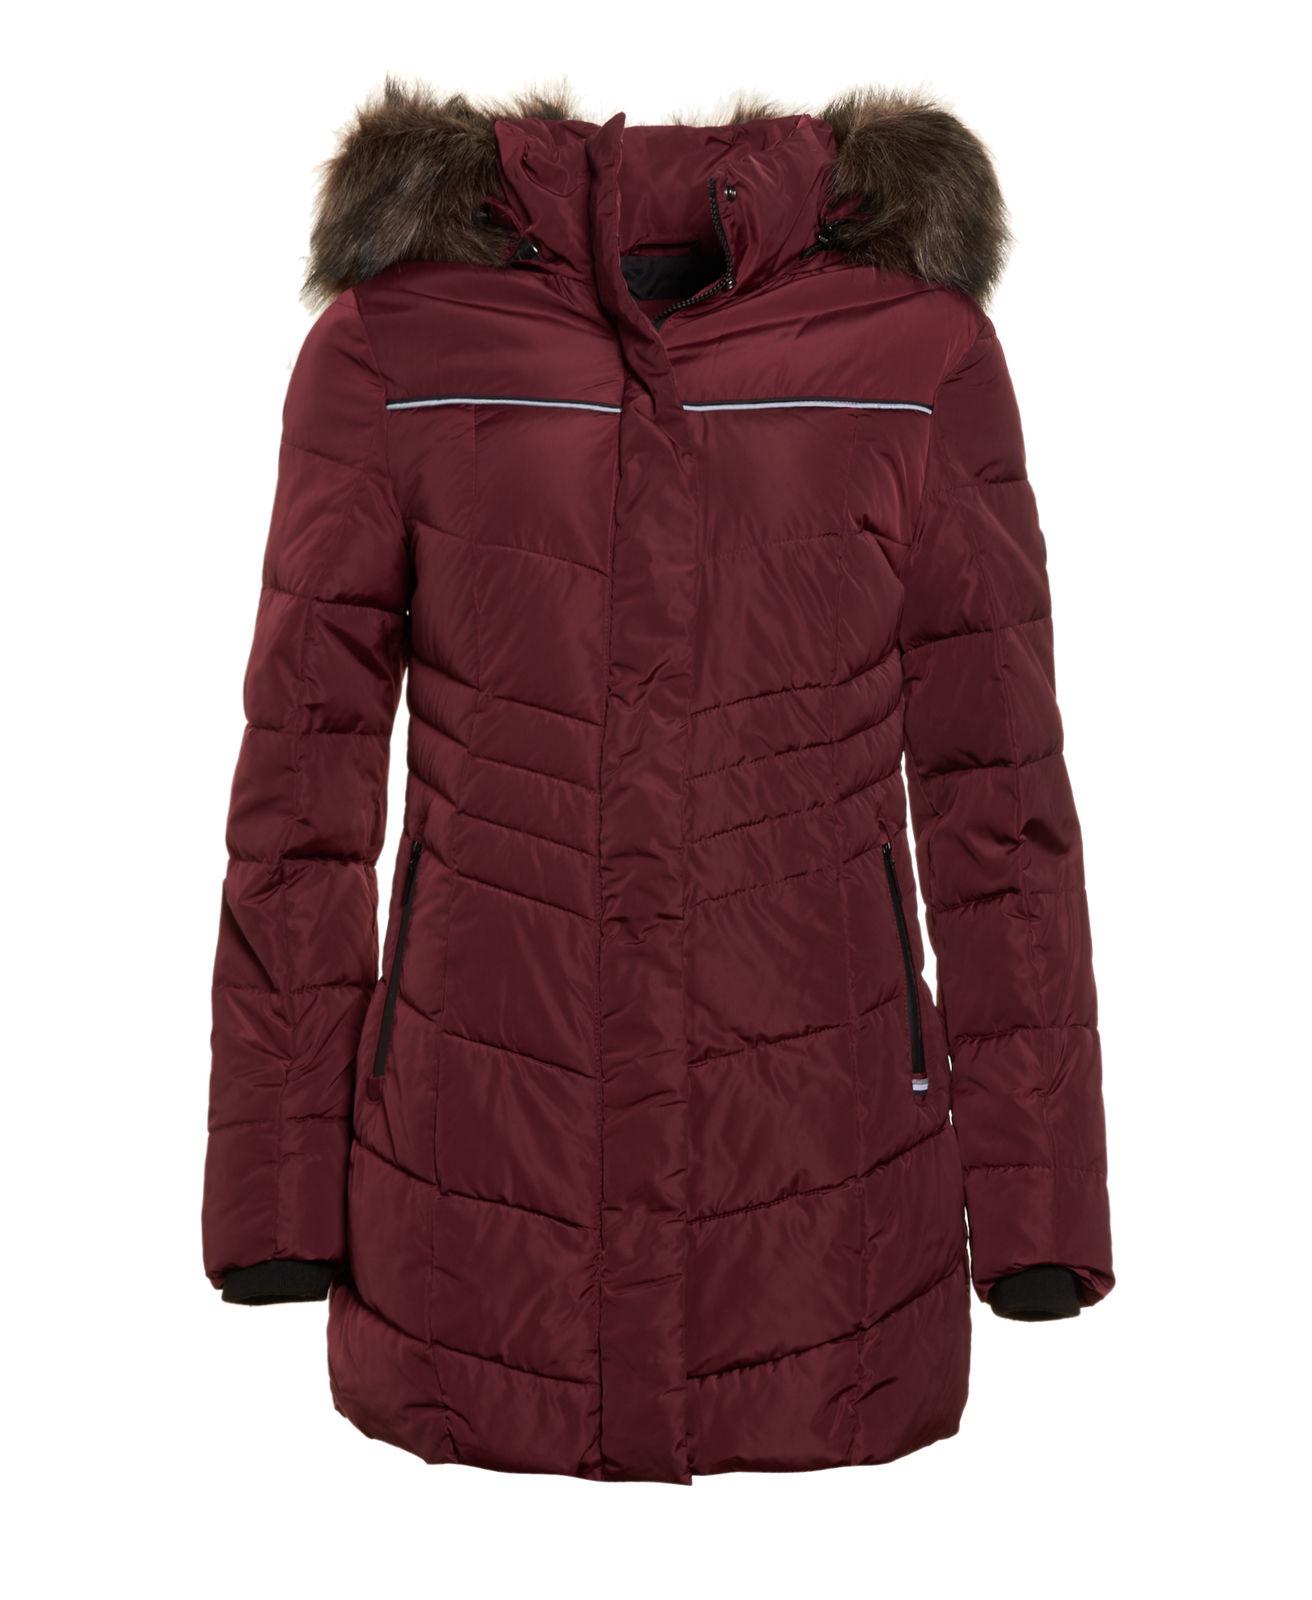 Jacket Parka discount offer